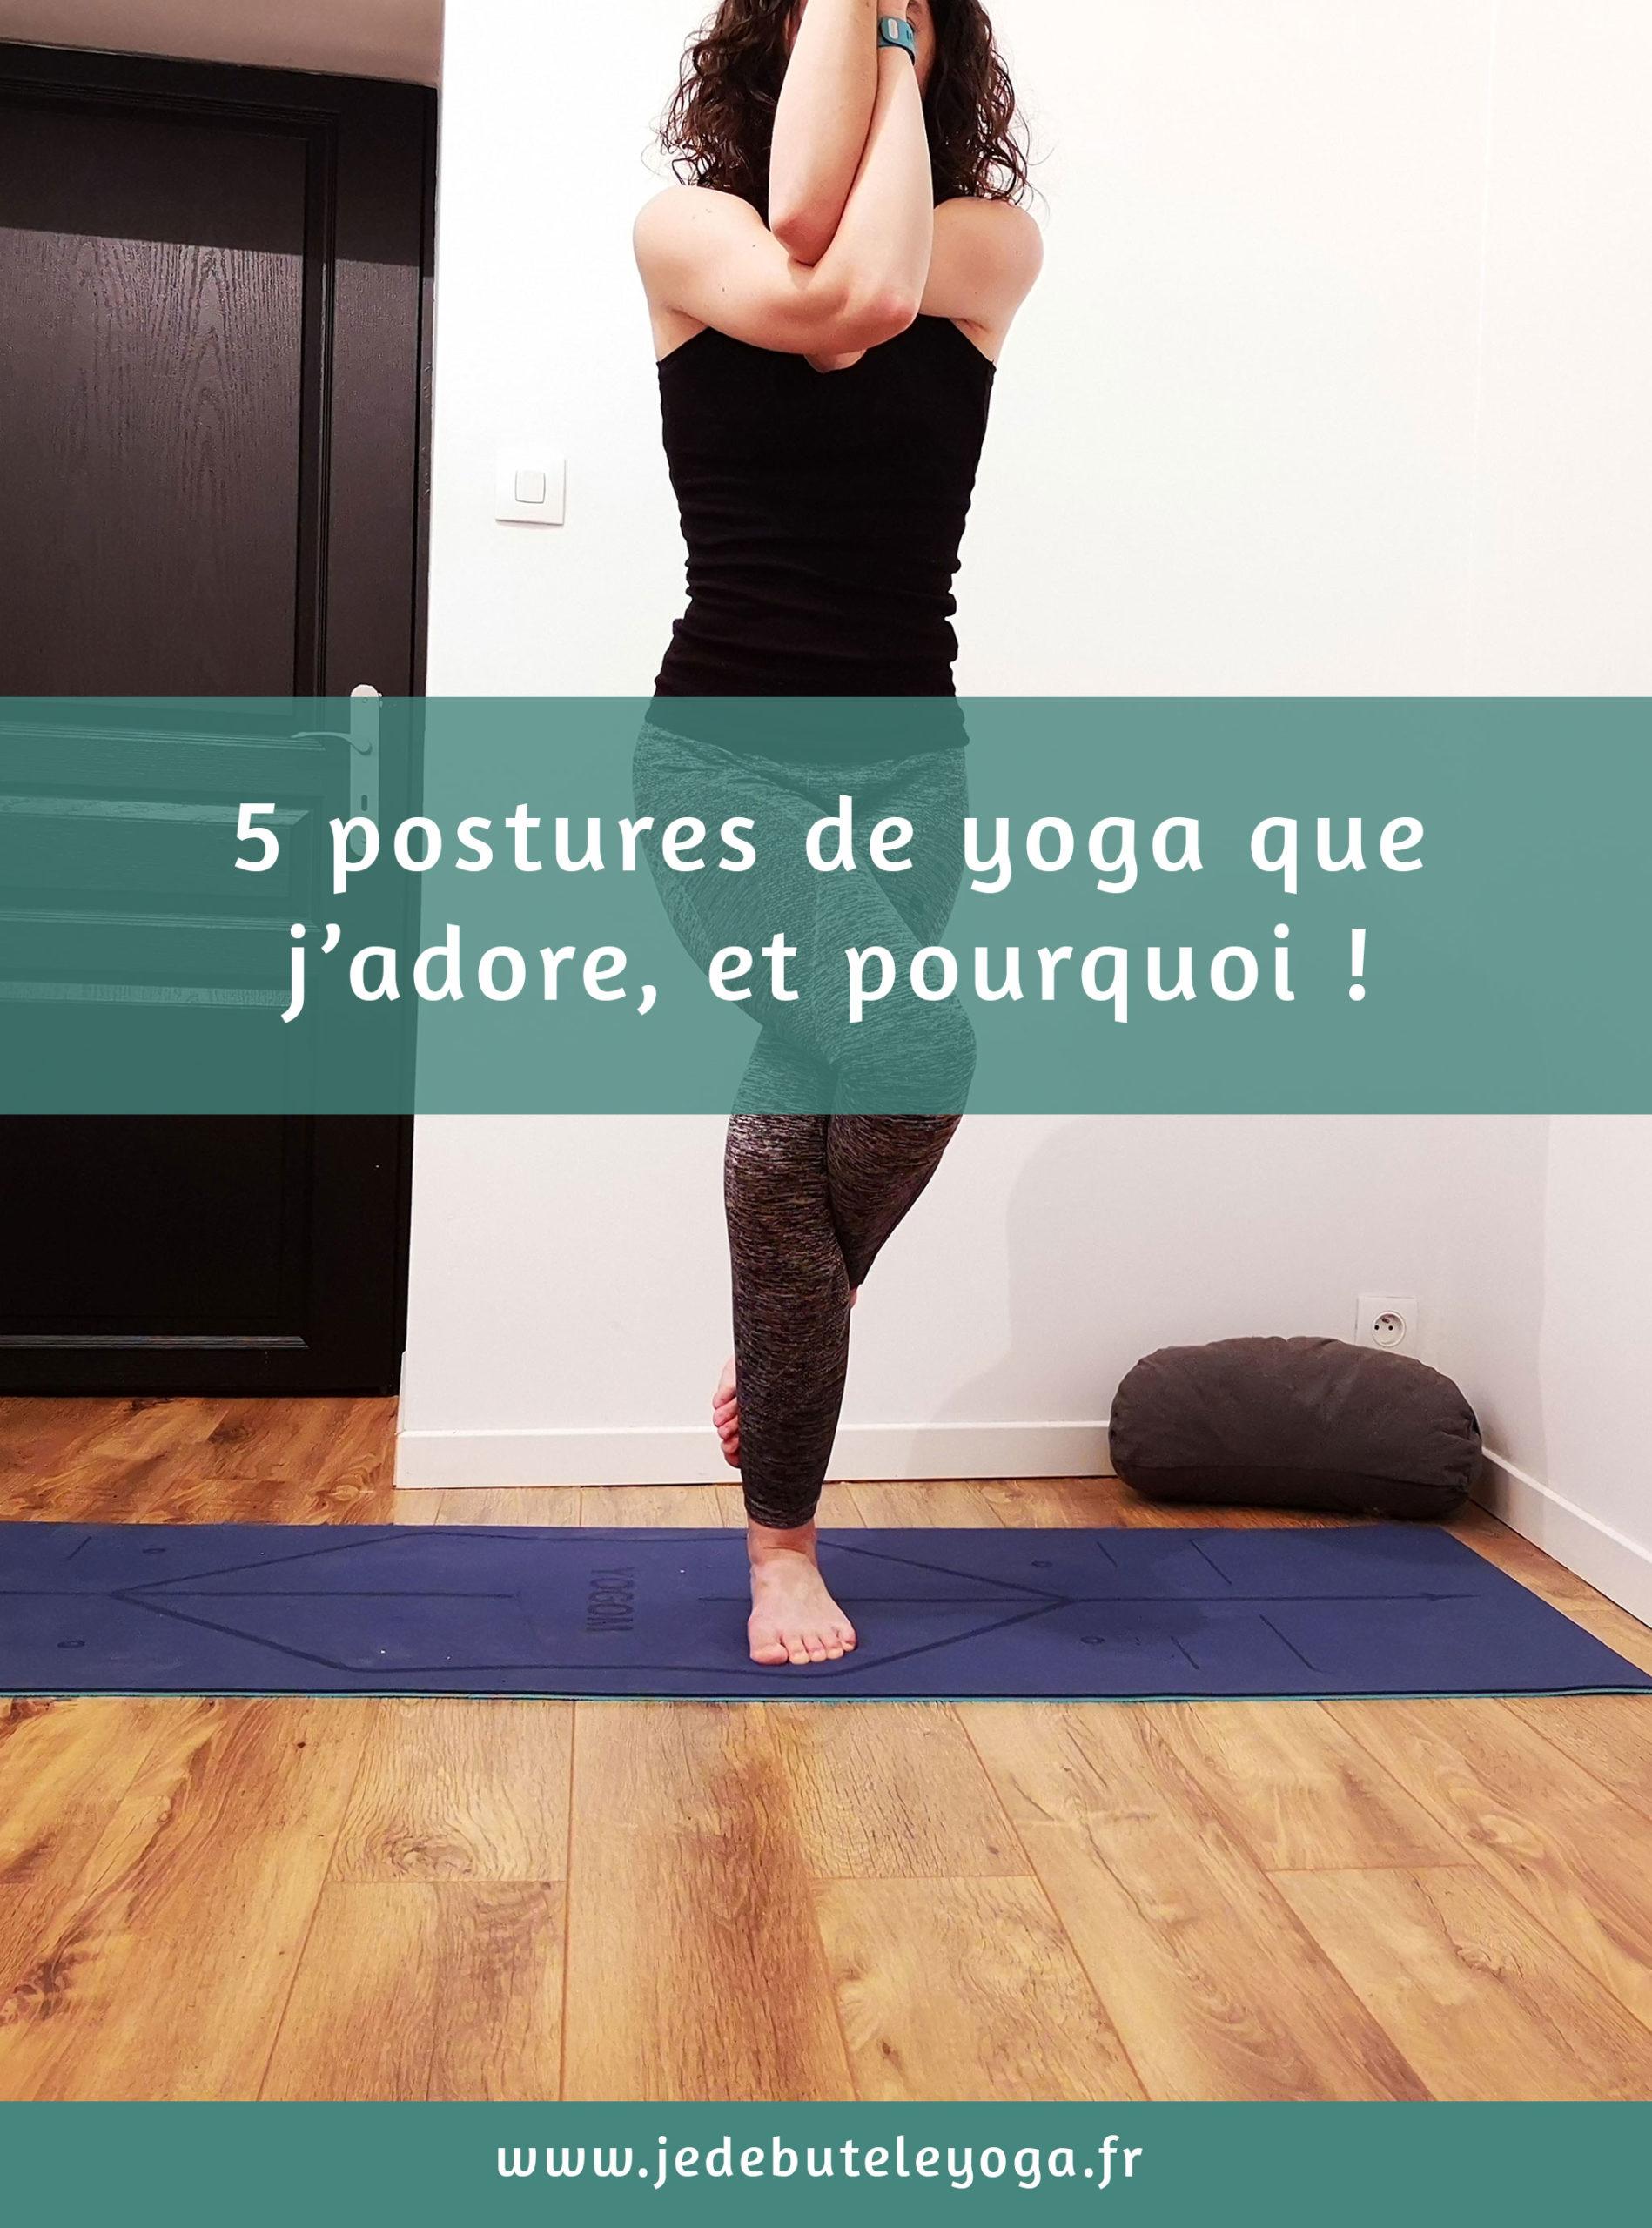 5 postures de yoga que j'affectionne et pourquoi